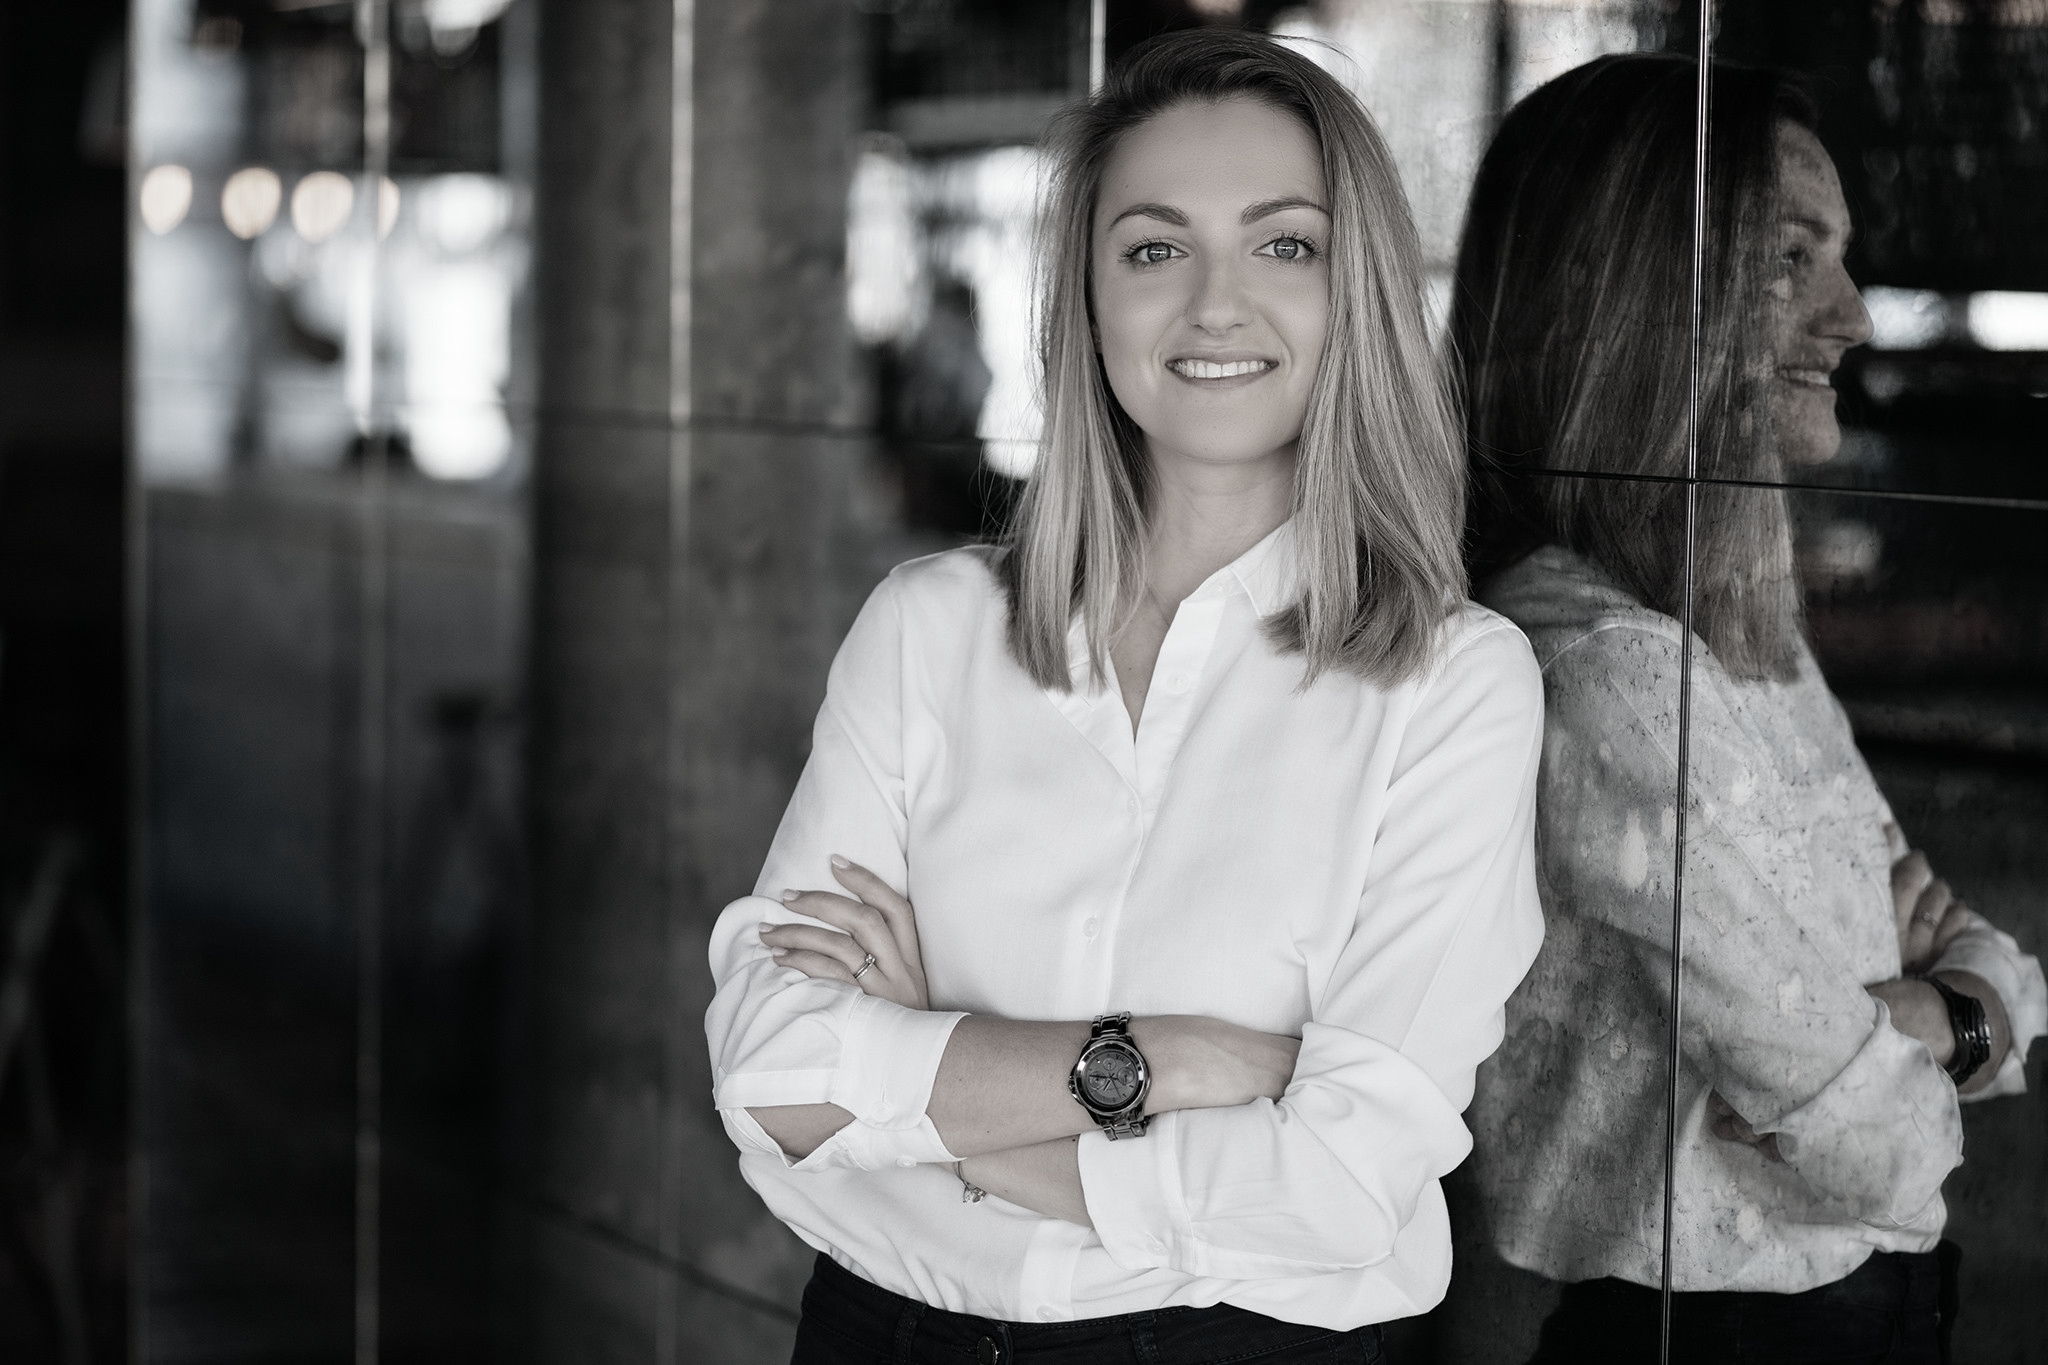 Елизавета Проселкова - Основатель компании и управляющий директор